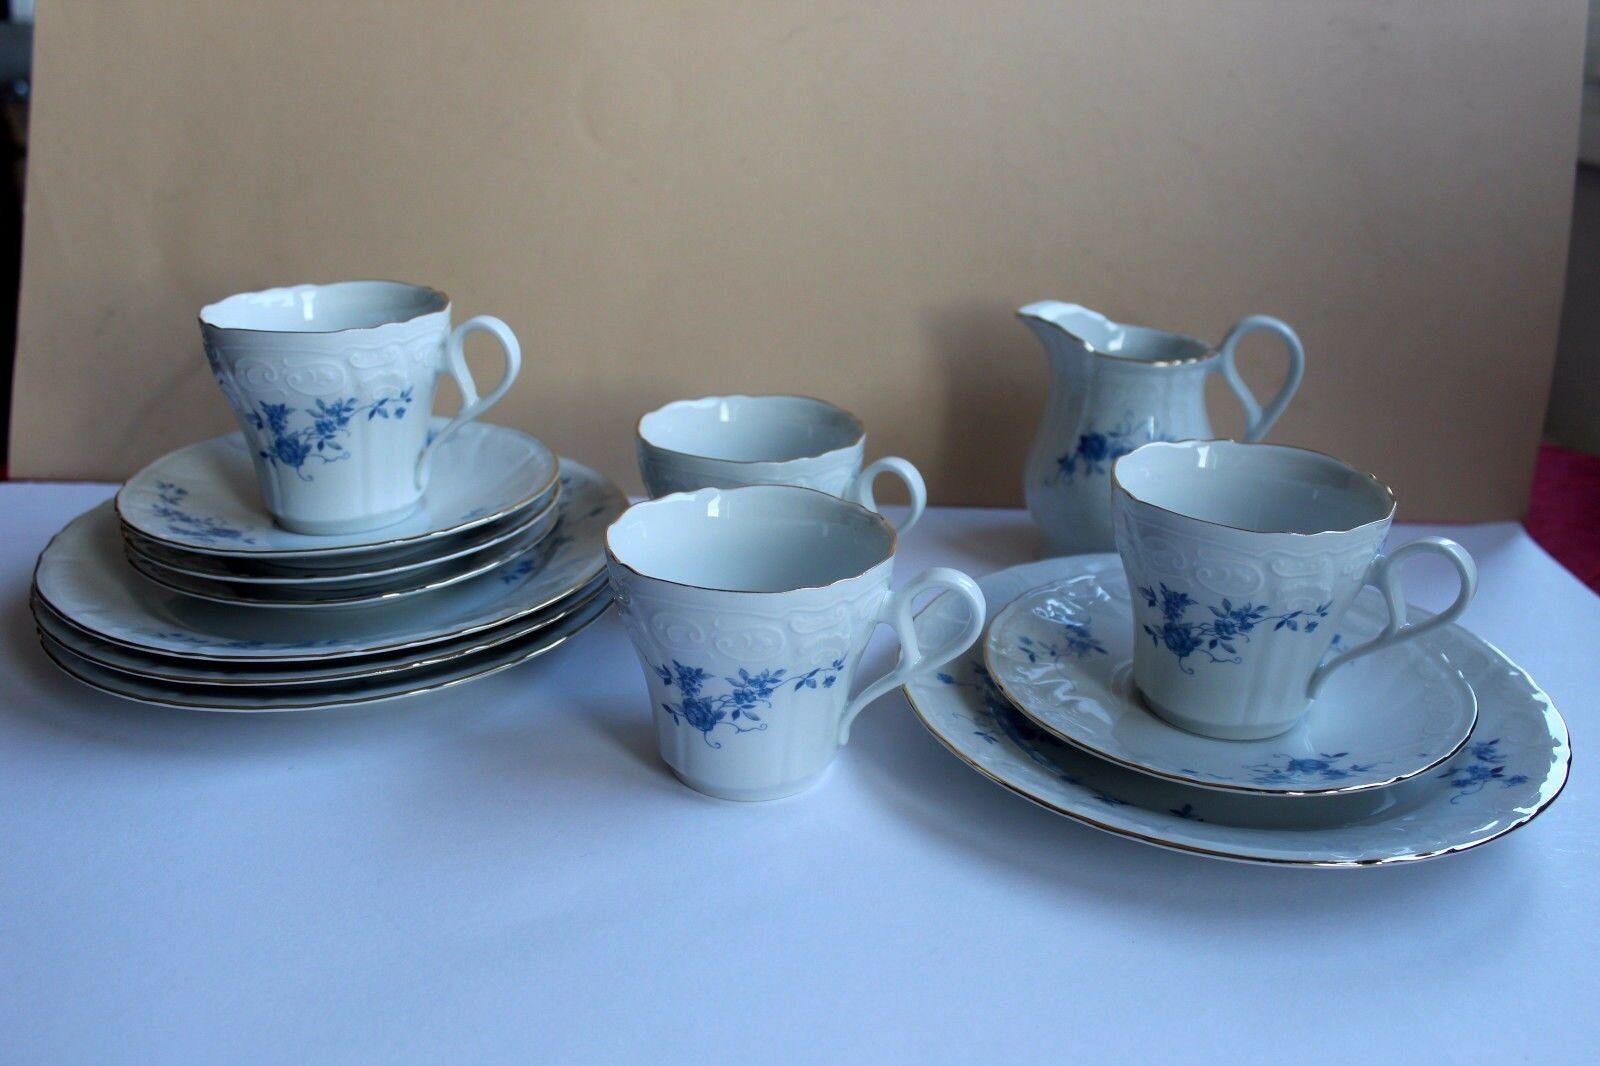 Kaffeeservice für 4 Personen,von Bareuther, Blaumendekor, gewellter Rand